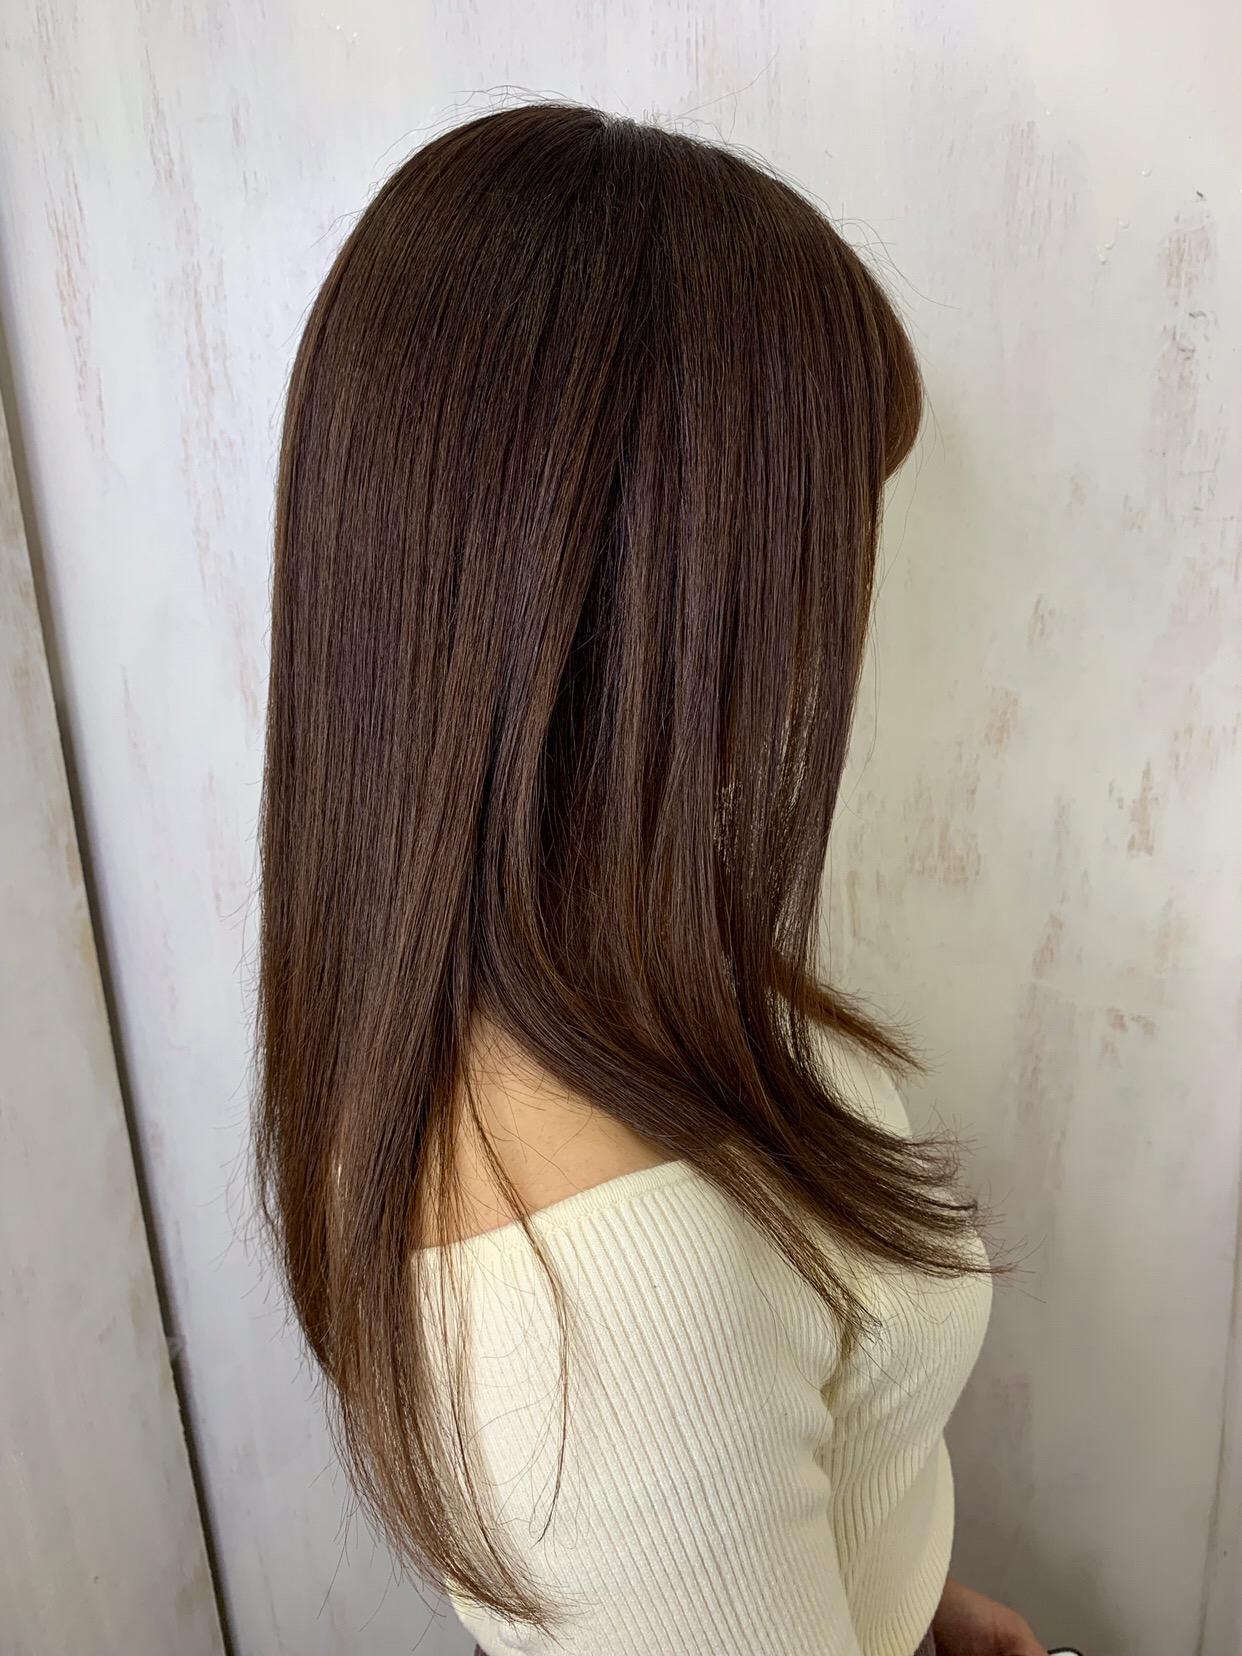 【ビビリ矯正】で縮毛矯正デジタルパーマでチリチリになった髪を艶髪。原宿・表参道『1000人をツヤ髪にヘアケア美容師の挑戦』